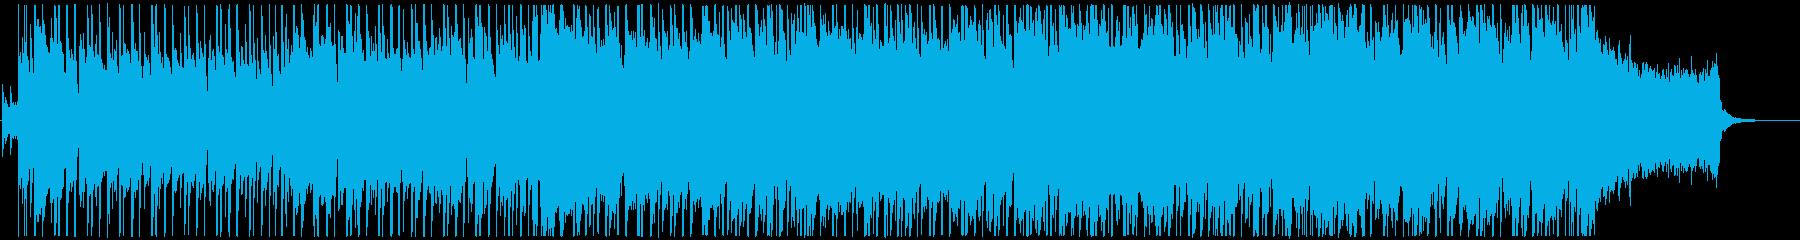 CM用4A、明るく軽快、ウキウキ楽しいの再生済みの波形